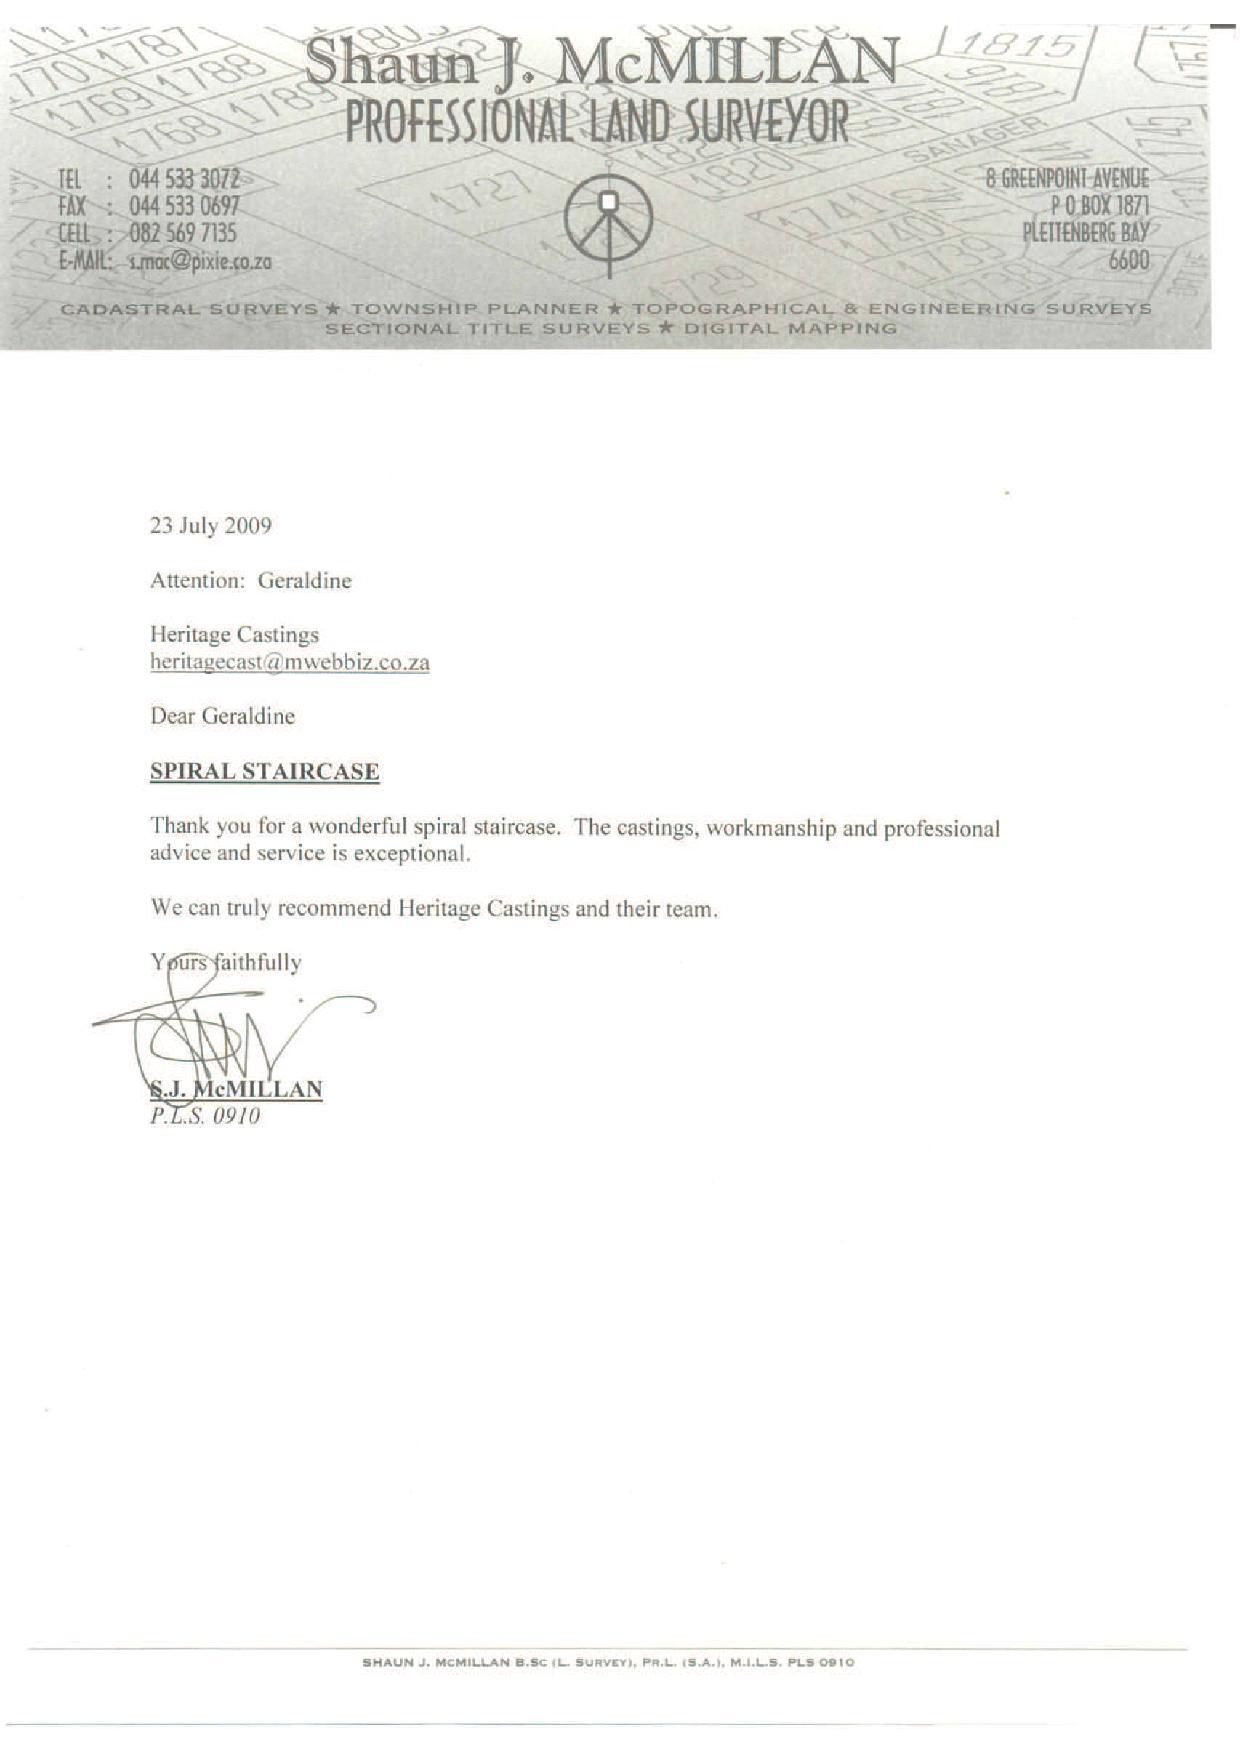 Heritage Castings letter 24 JUL 09.jpg